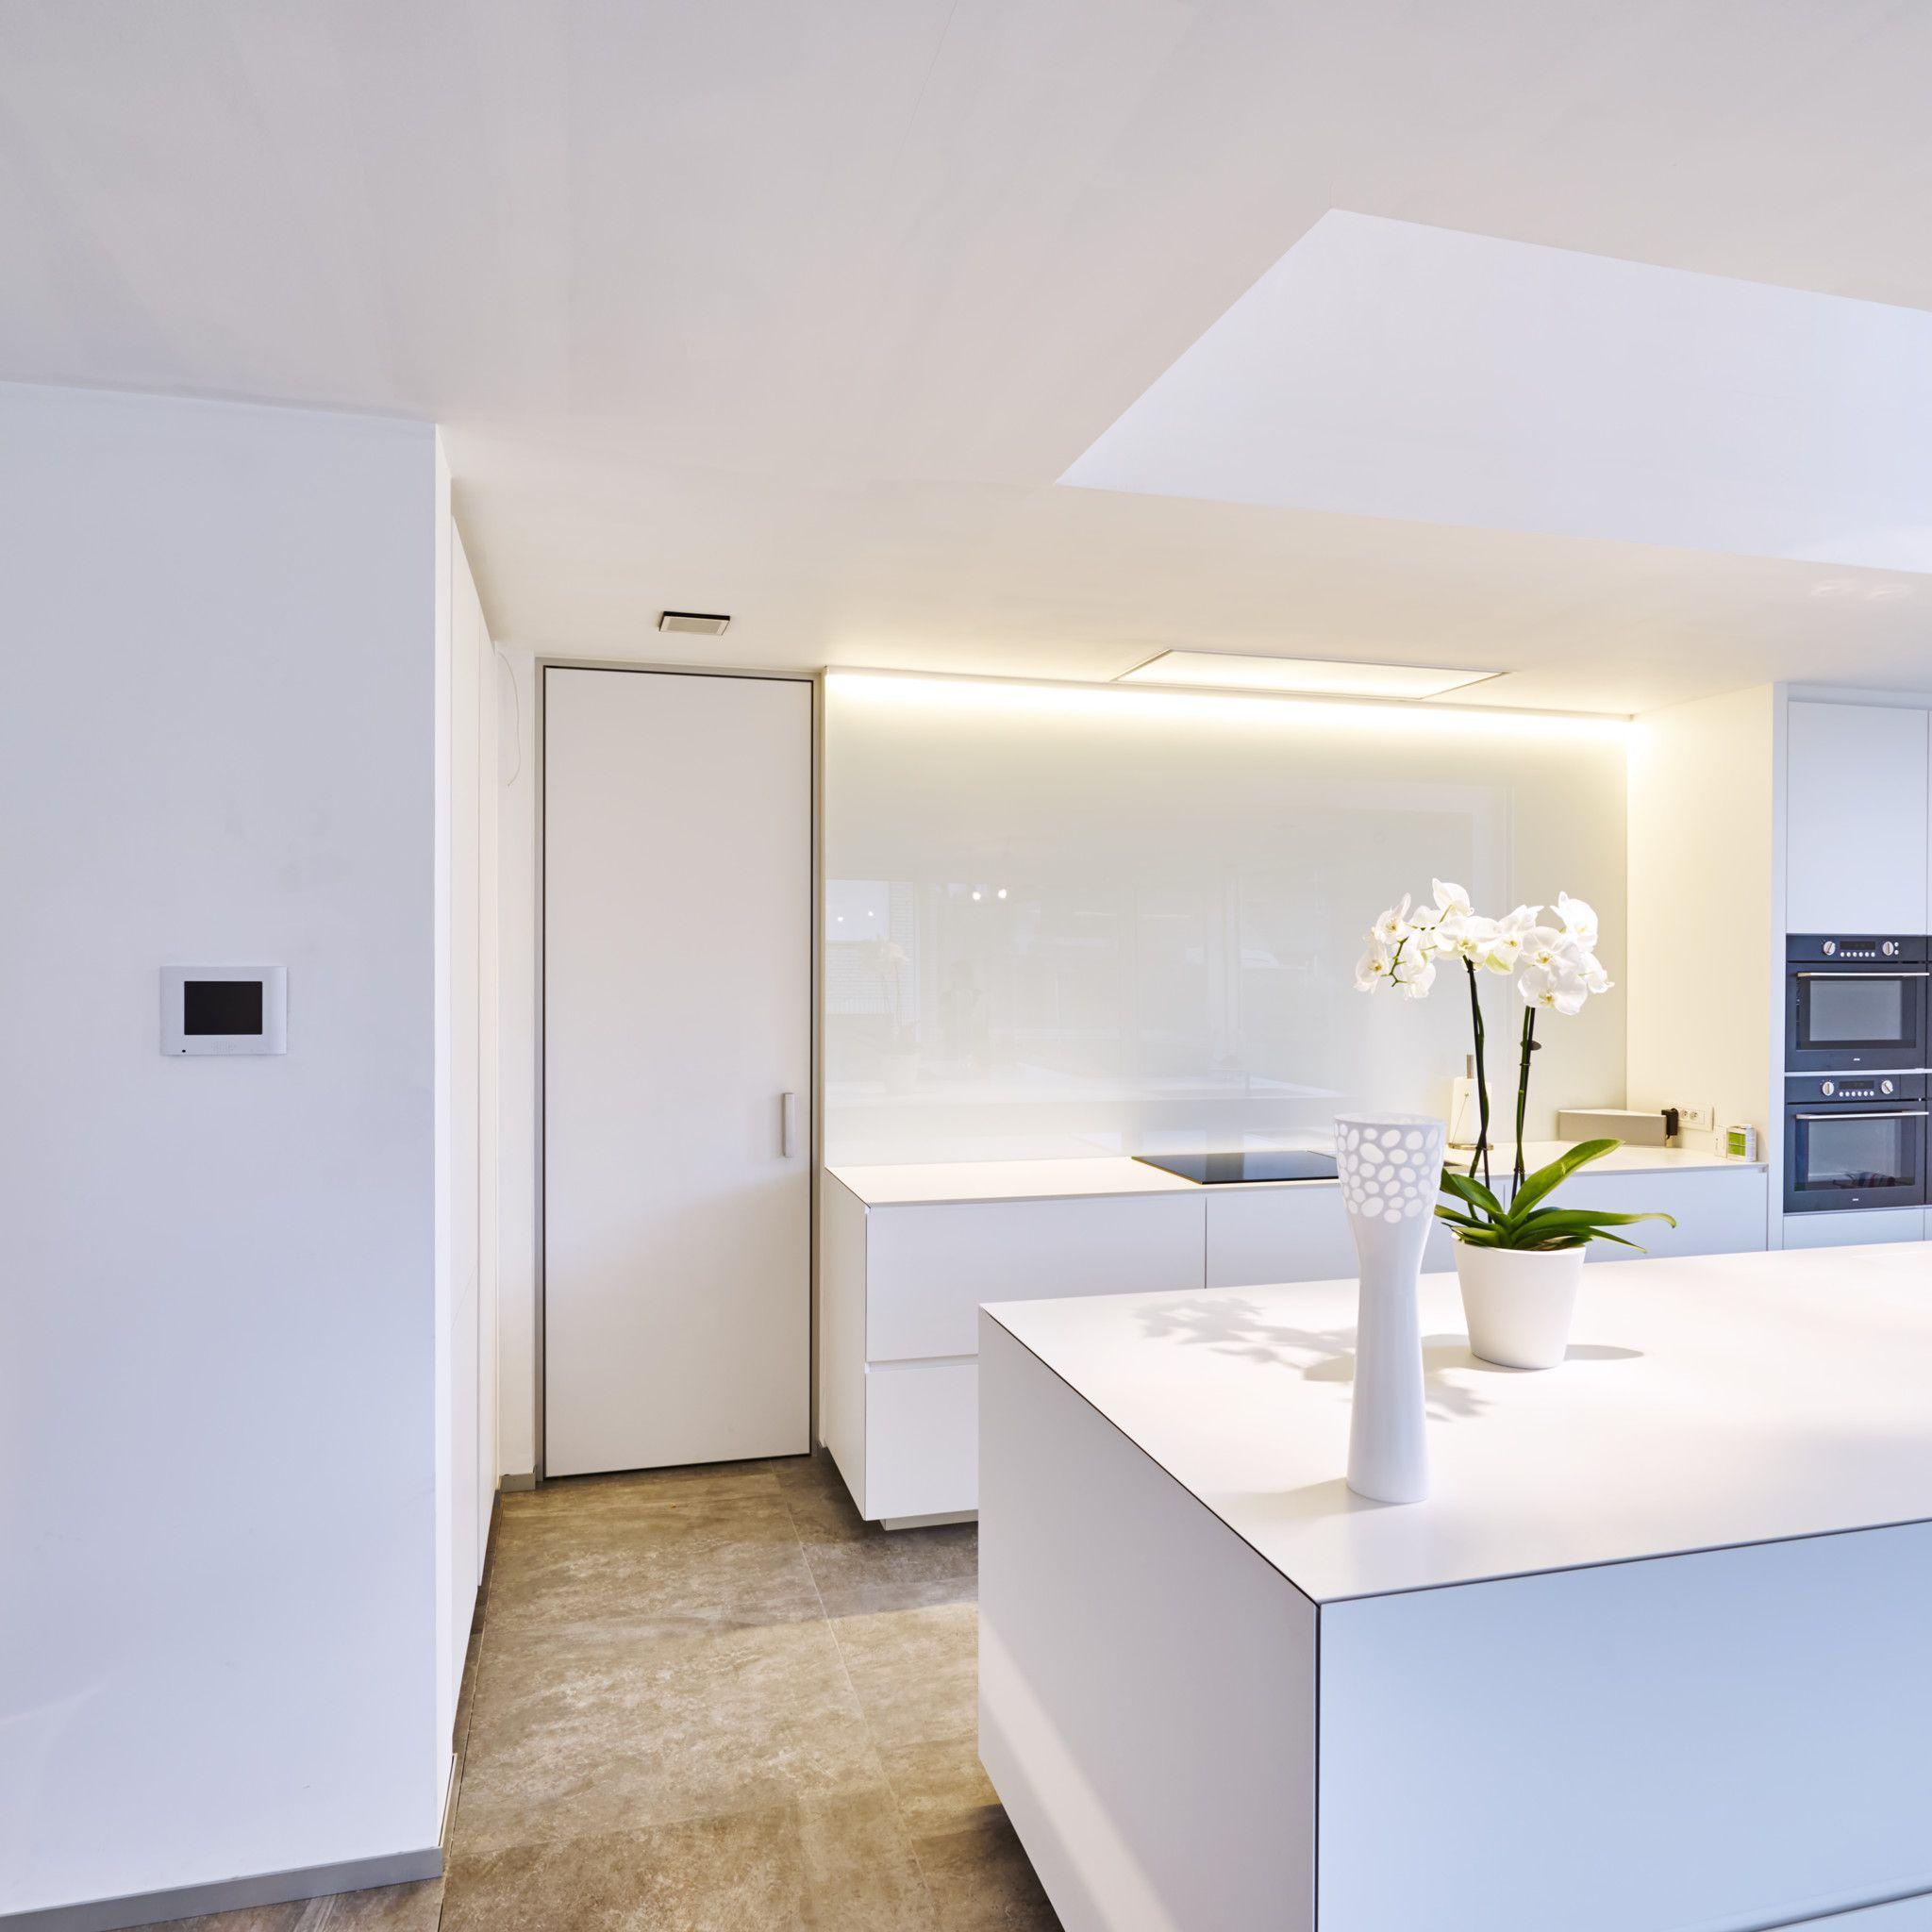 Moderne Binnendeur Van Anyway Doors Volledig Op Maat Gemaakt Met Een Aluminium Blokomlijsting MinimalistDining RoomBetweenKitchen